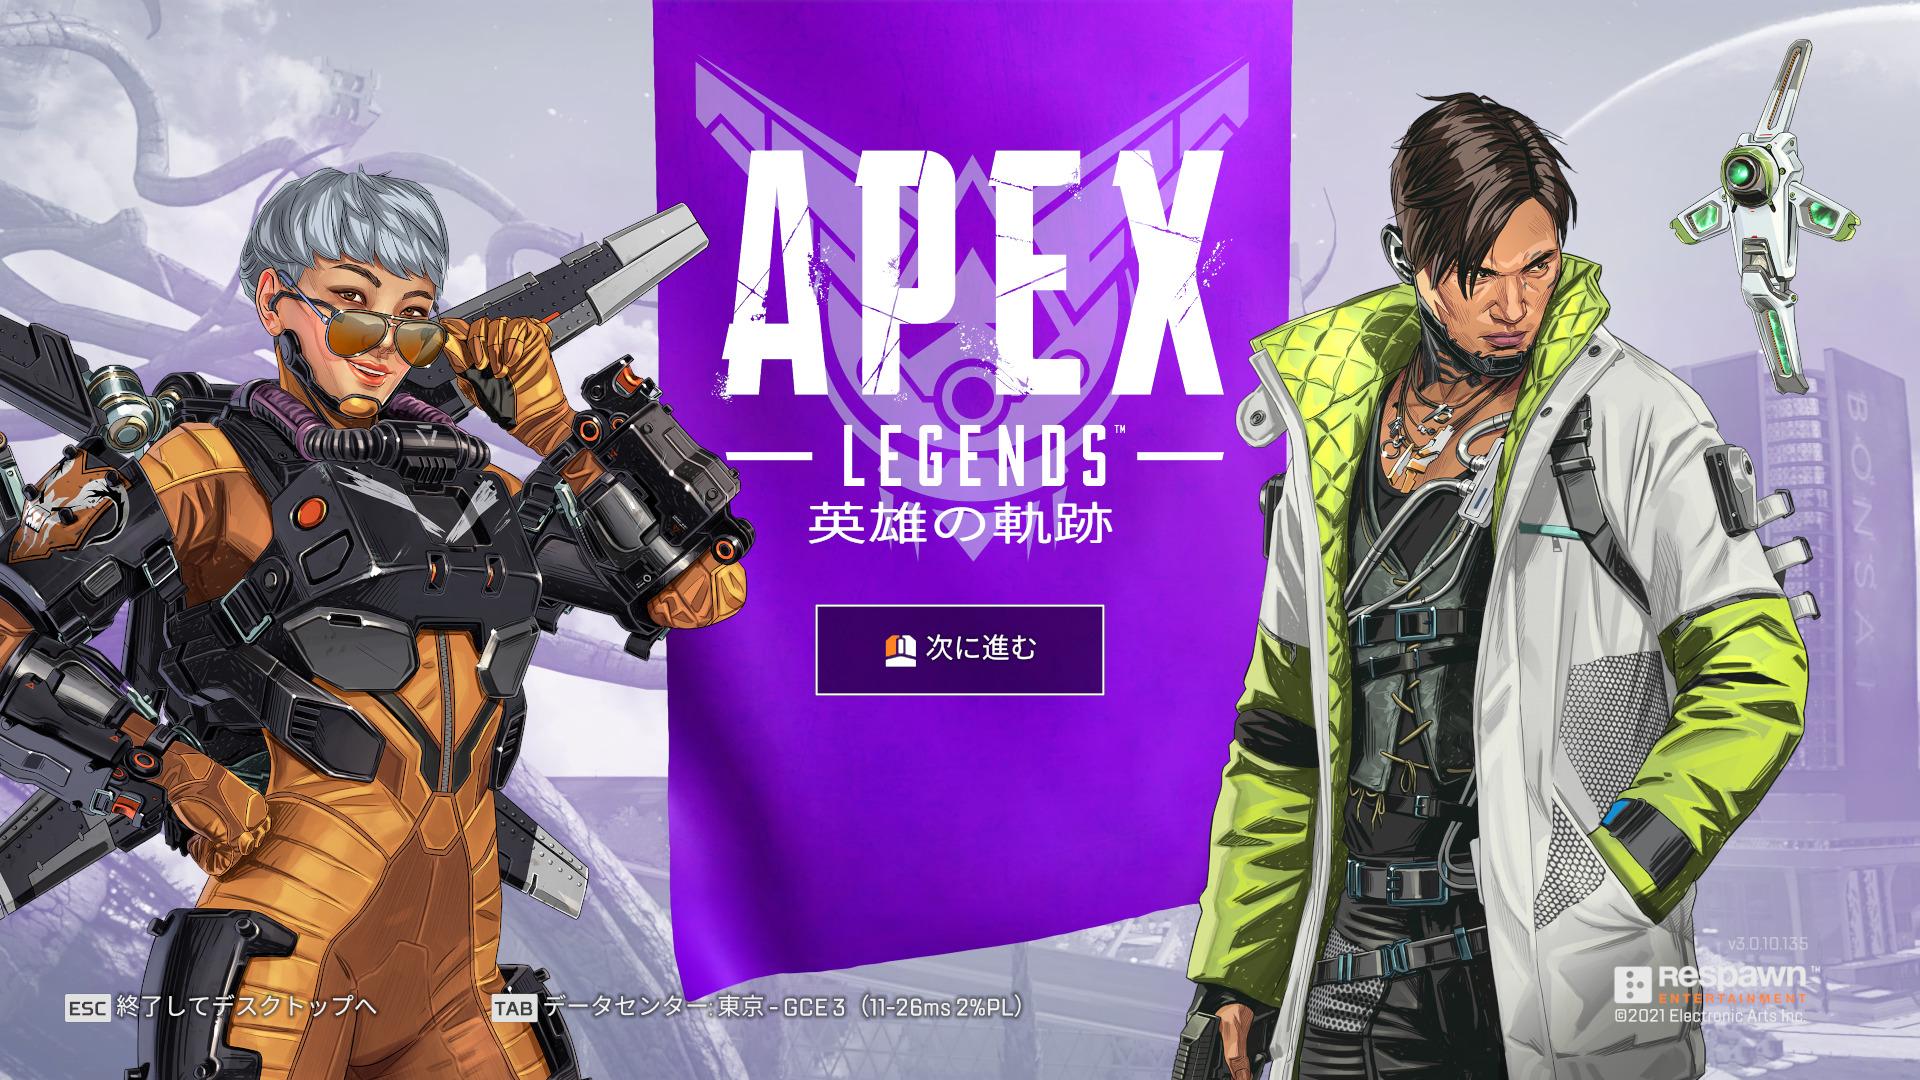 【Apex Legends】レガシー(シーズン9) はいつまで?【エーペックスレジェンズ】